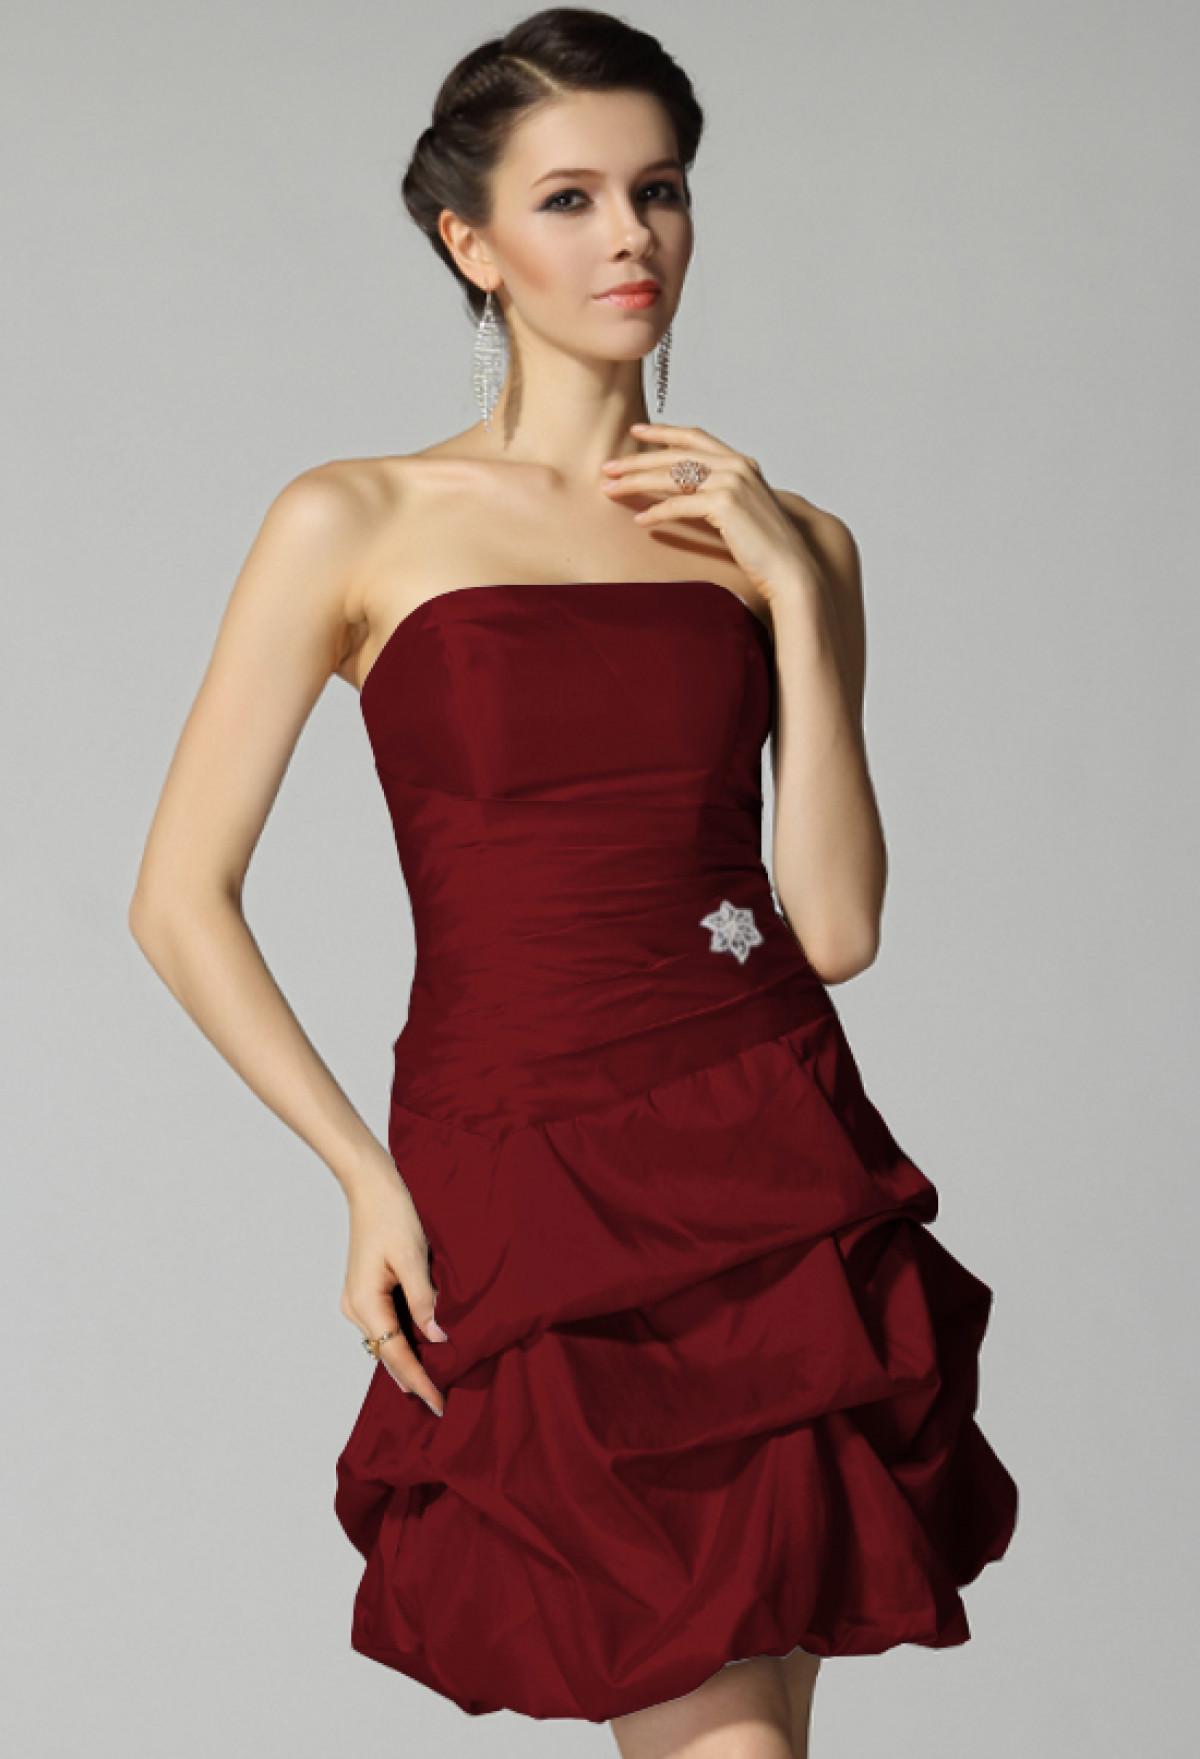 Robe De Cocktail Rouge A La Fois Sexy Et Elegante En Toute Les Formes